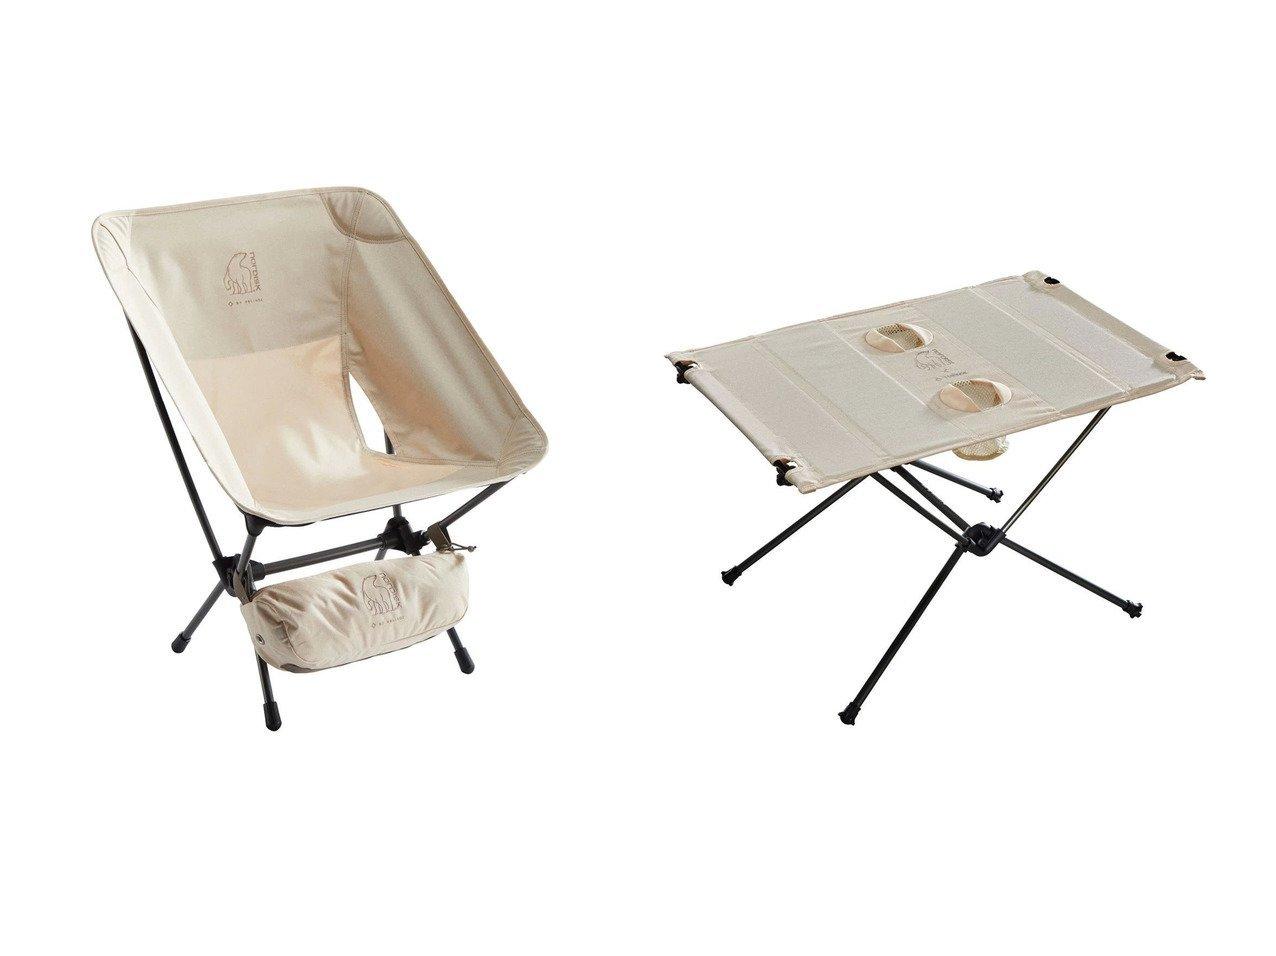 【Nordisk/ノルディスク】のコンパクトテーブル テーブル アウトドア キャンプ おうち時間 ソロキャンプ ヘリノックス テーブル 149013&椅子 チェア アルミ アウトドア ヘリノックス 149012 おすすめ!人気キャンプ・アウトドア用品の通販 おすすめで人気の流行・トレンド、ファッションの通販商品 メンズファッション・キッズファッション・インテリア・家具・レディースファッション・服の通販 founy(ファニー) https://founy.com/ アウトドア キャンバス コンパクト フレーム 軽量 お家時間・ステイホーム Home Time/Stay Home テーブル ホーム・キャンプ・アウトドア Home,Garden,Outdoor,Camping Gear キャンプ用品・アウトドア  Camping Gear & Outdoor Supplies チェア テーブル Camp Chairs, Camping Tables |ID:crp329100000037430